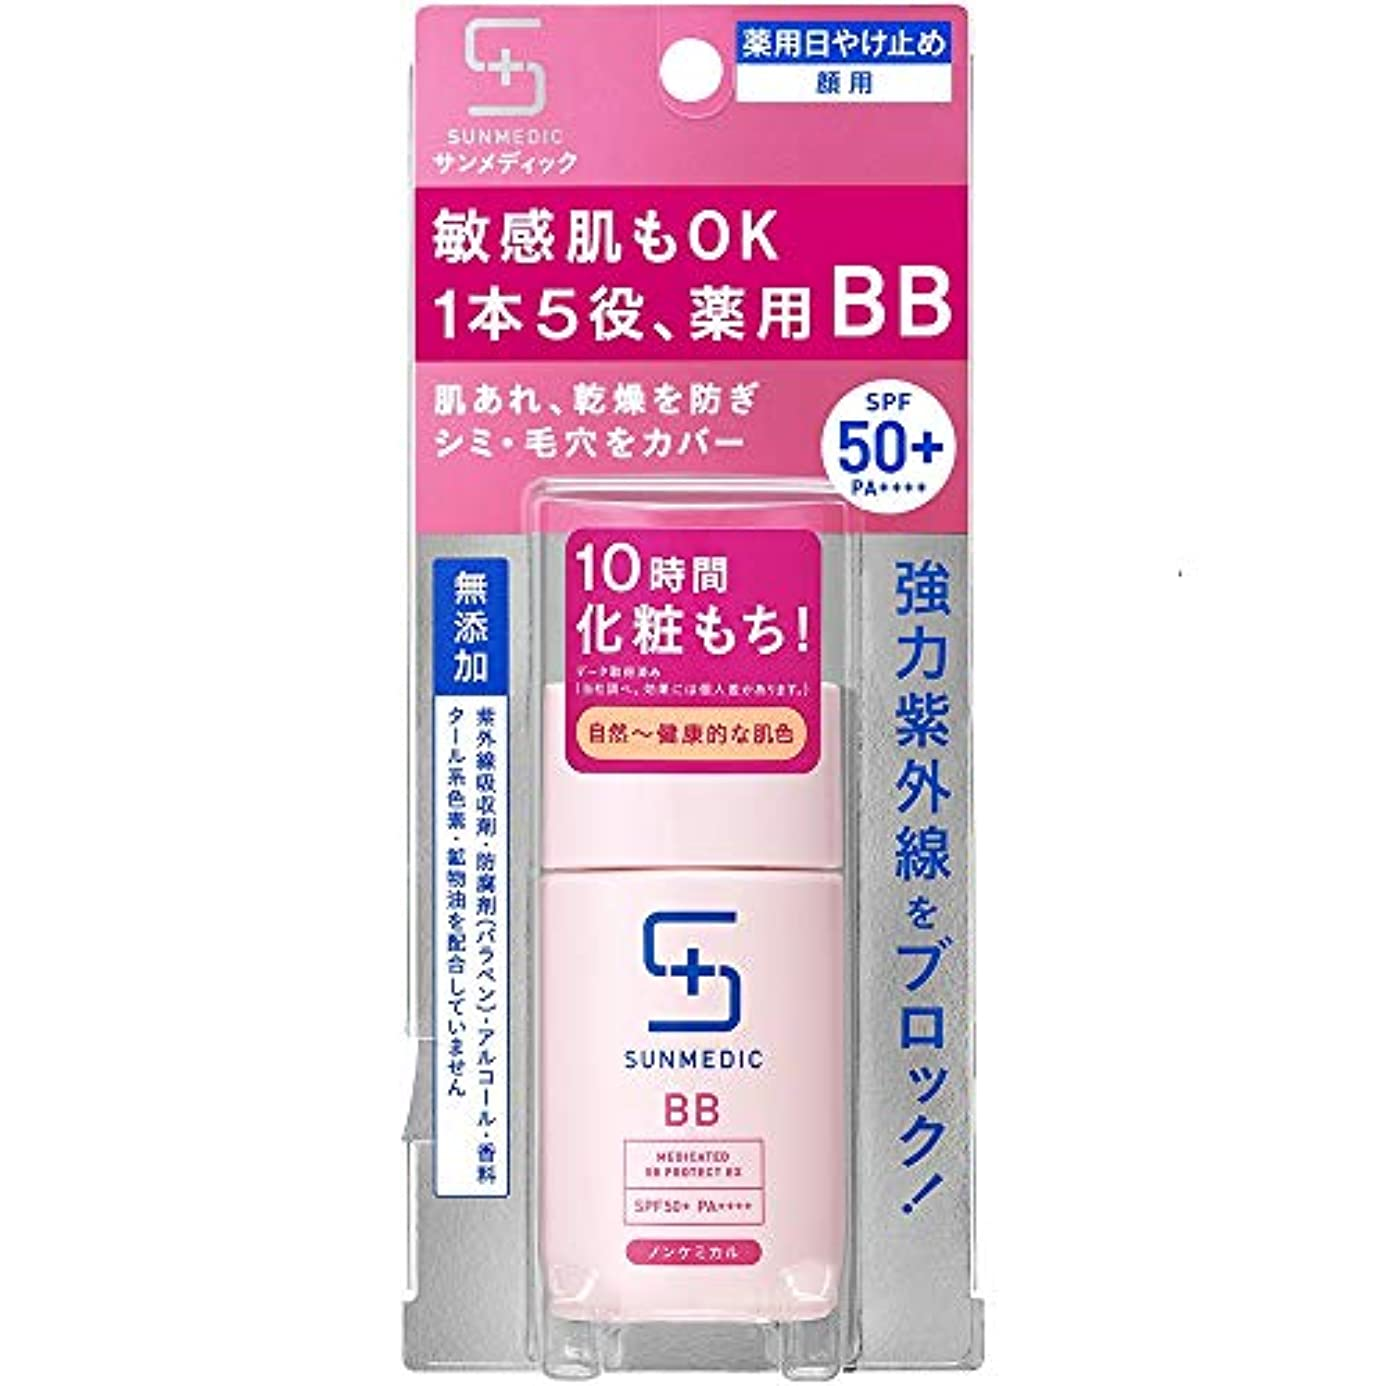 少ない招待驚いたことにサンメディックUV 薬用BBプロテクトEX ナチュラル 30ml (医薬部外品)